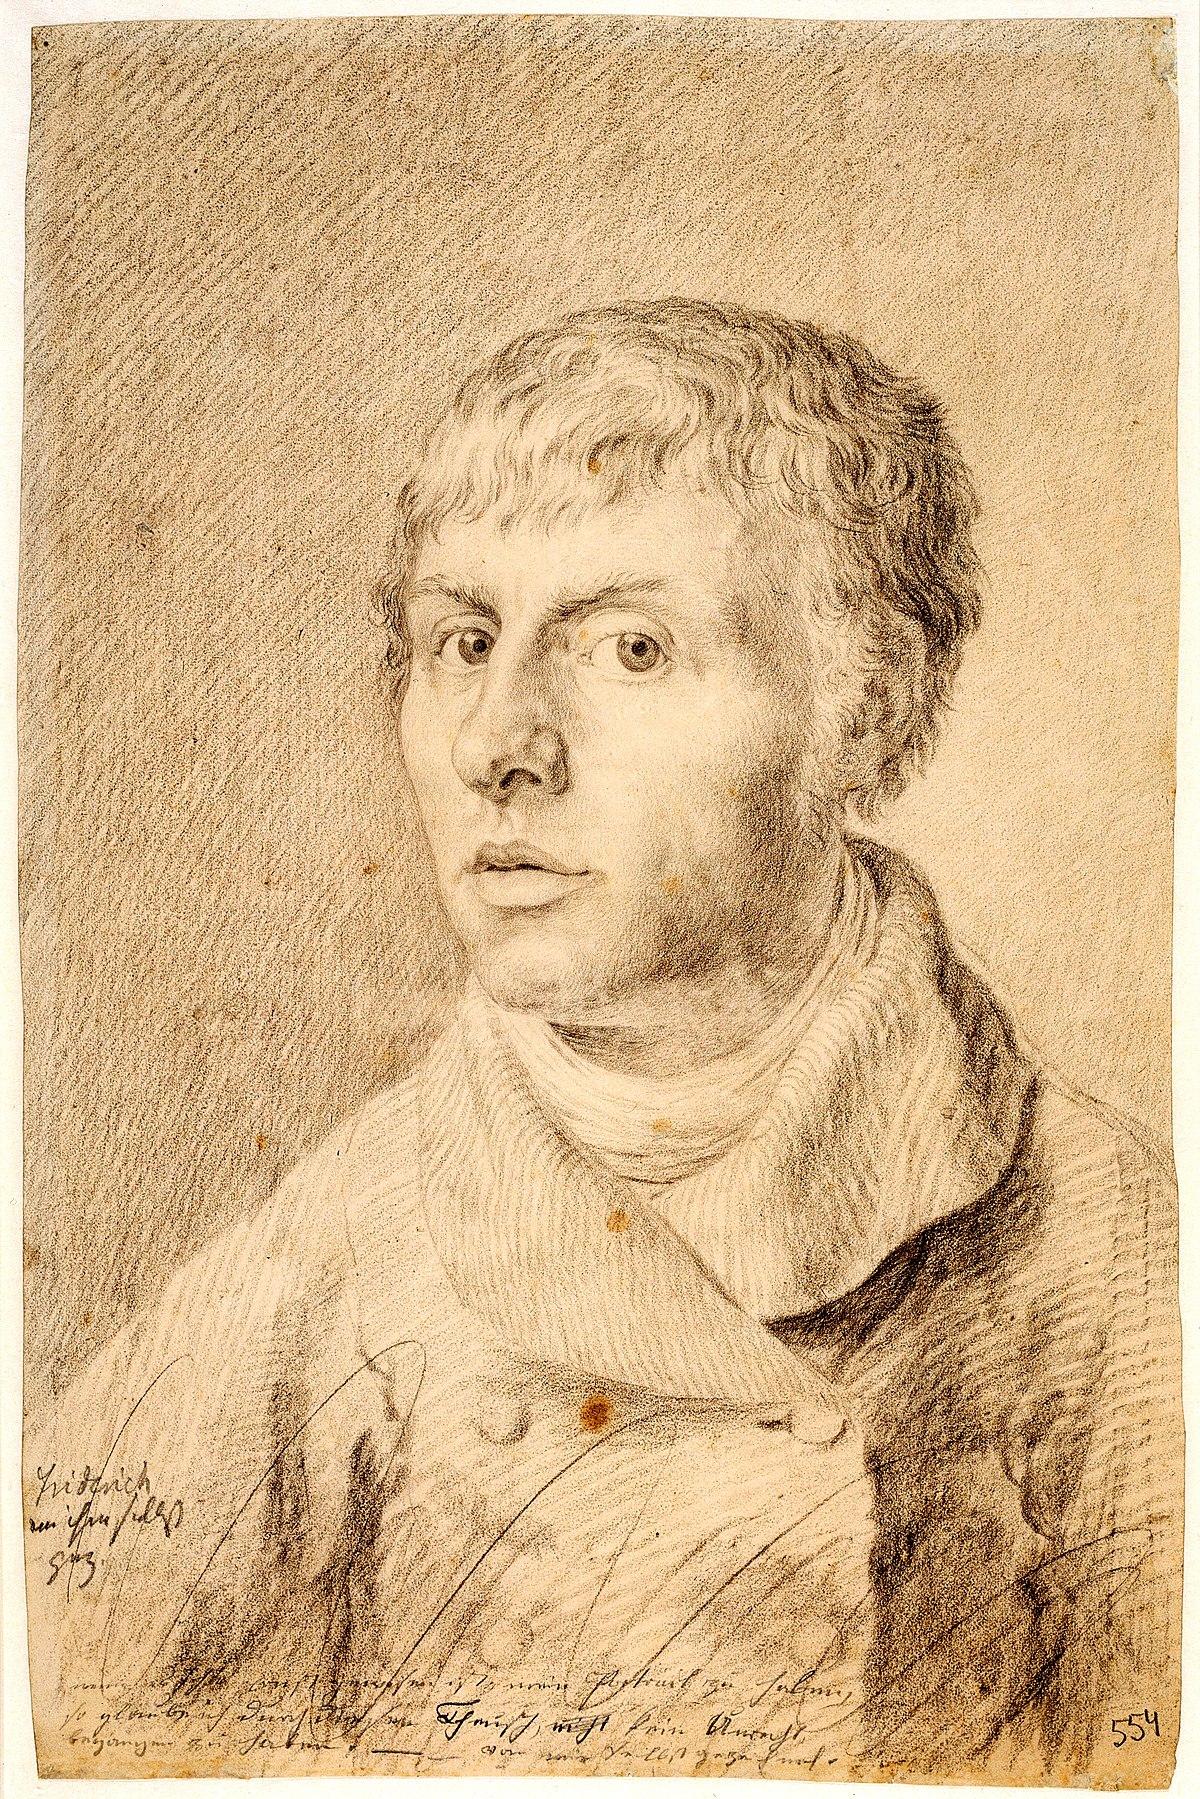 カスパー・ダーヴィト・フリードリヒの画像 p1_1